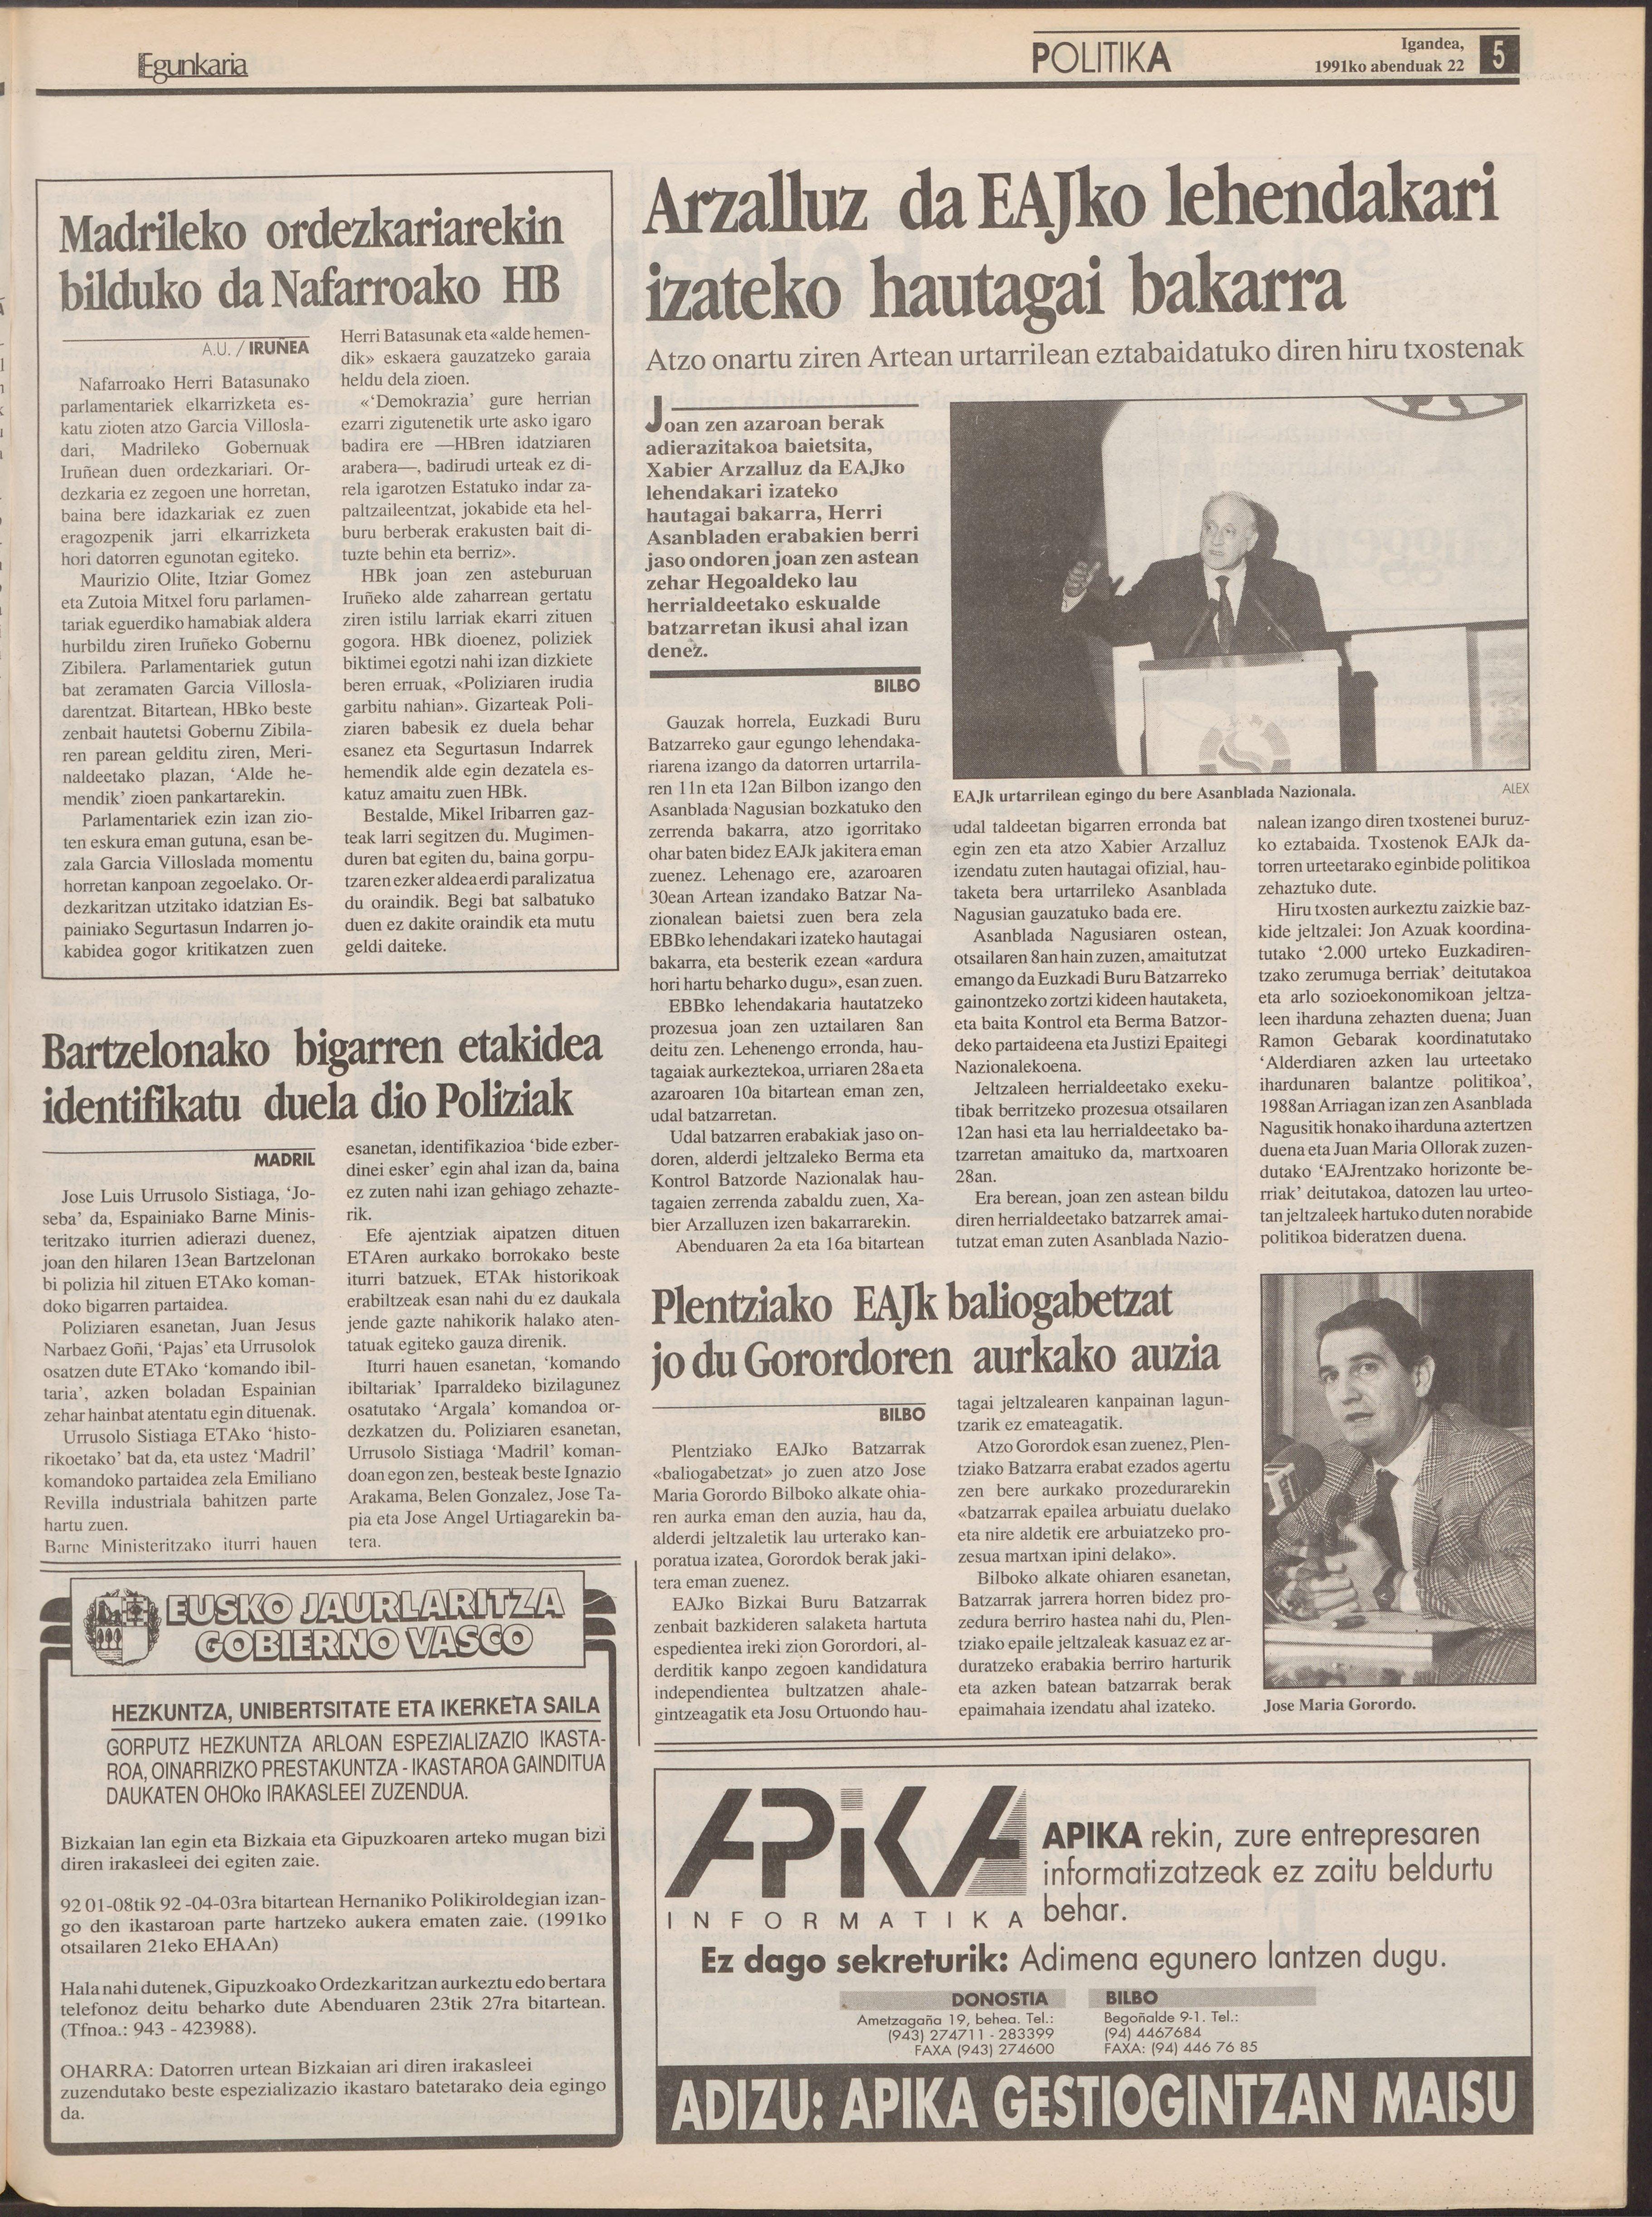 1991ko abenduak 22, 05. orrialdea